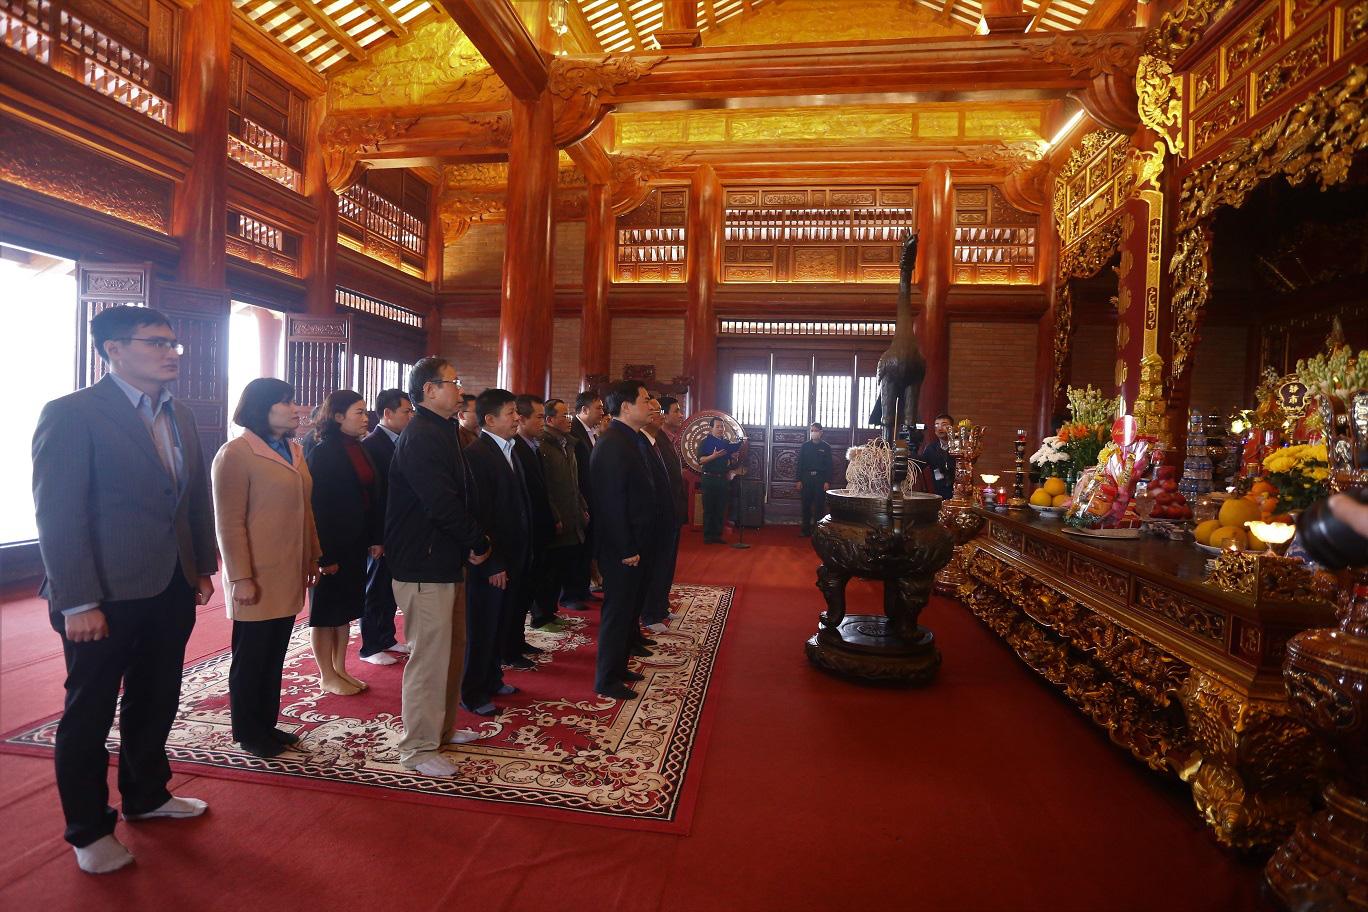 Bộ trưởng Bộ Khoa học và Công nghệ làm việc tại tỉnh Thái Nguyên - Ảnh 11.